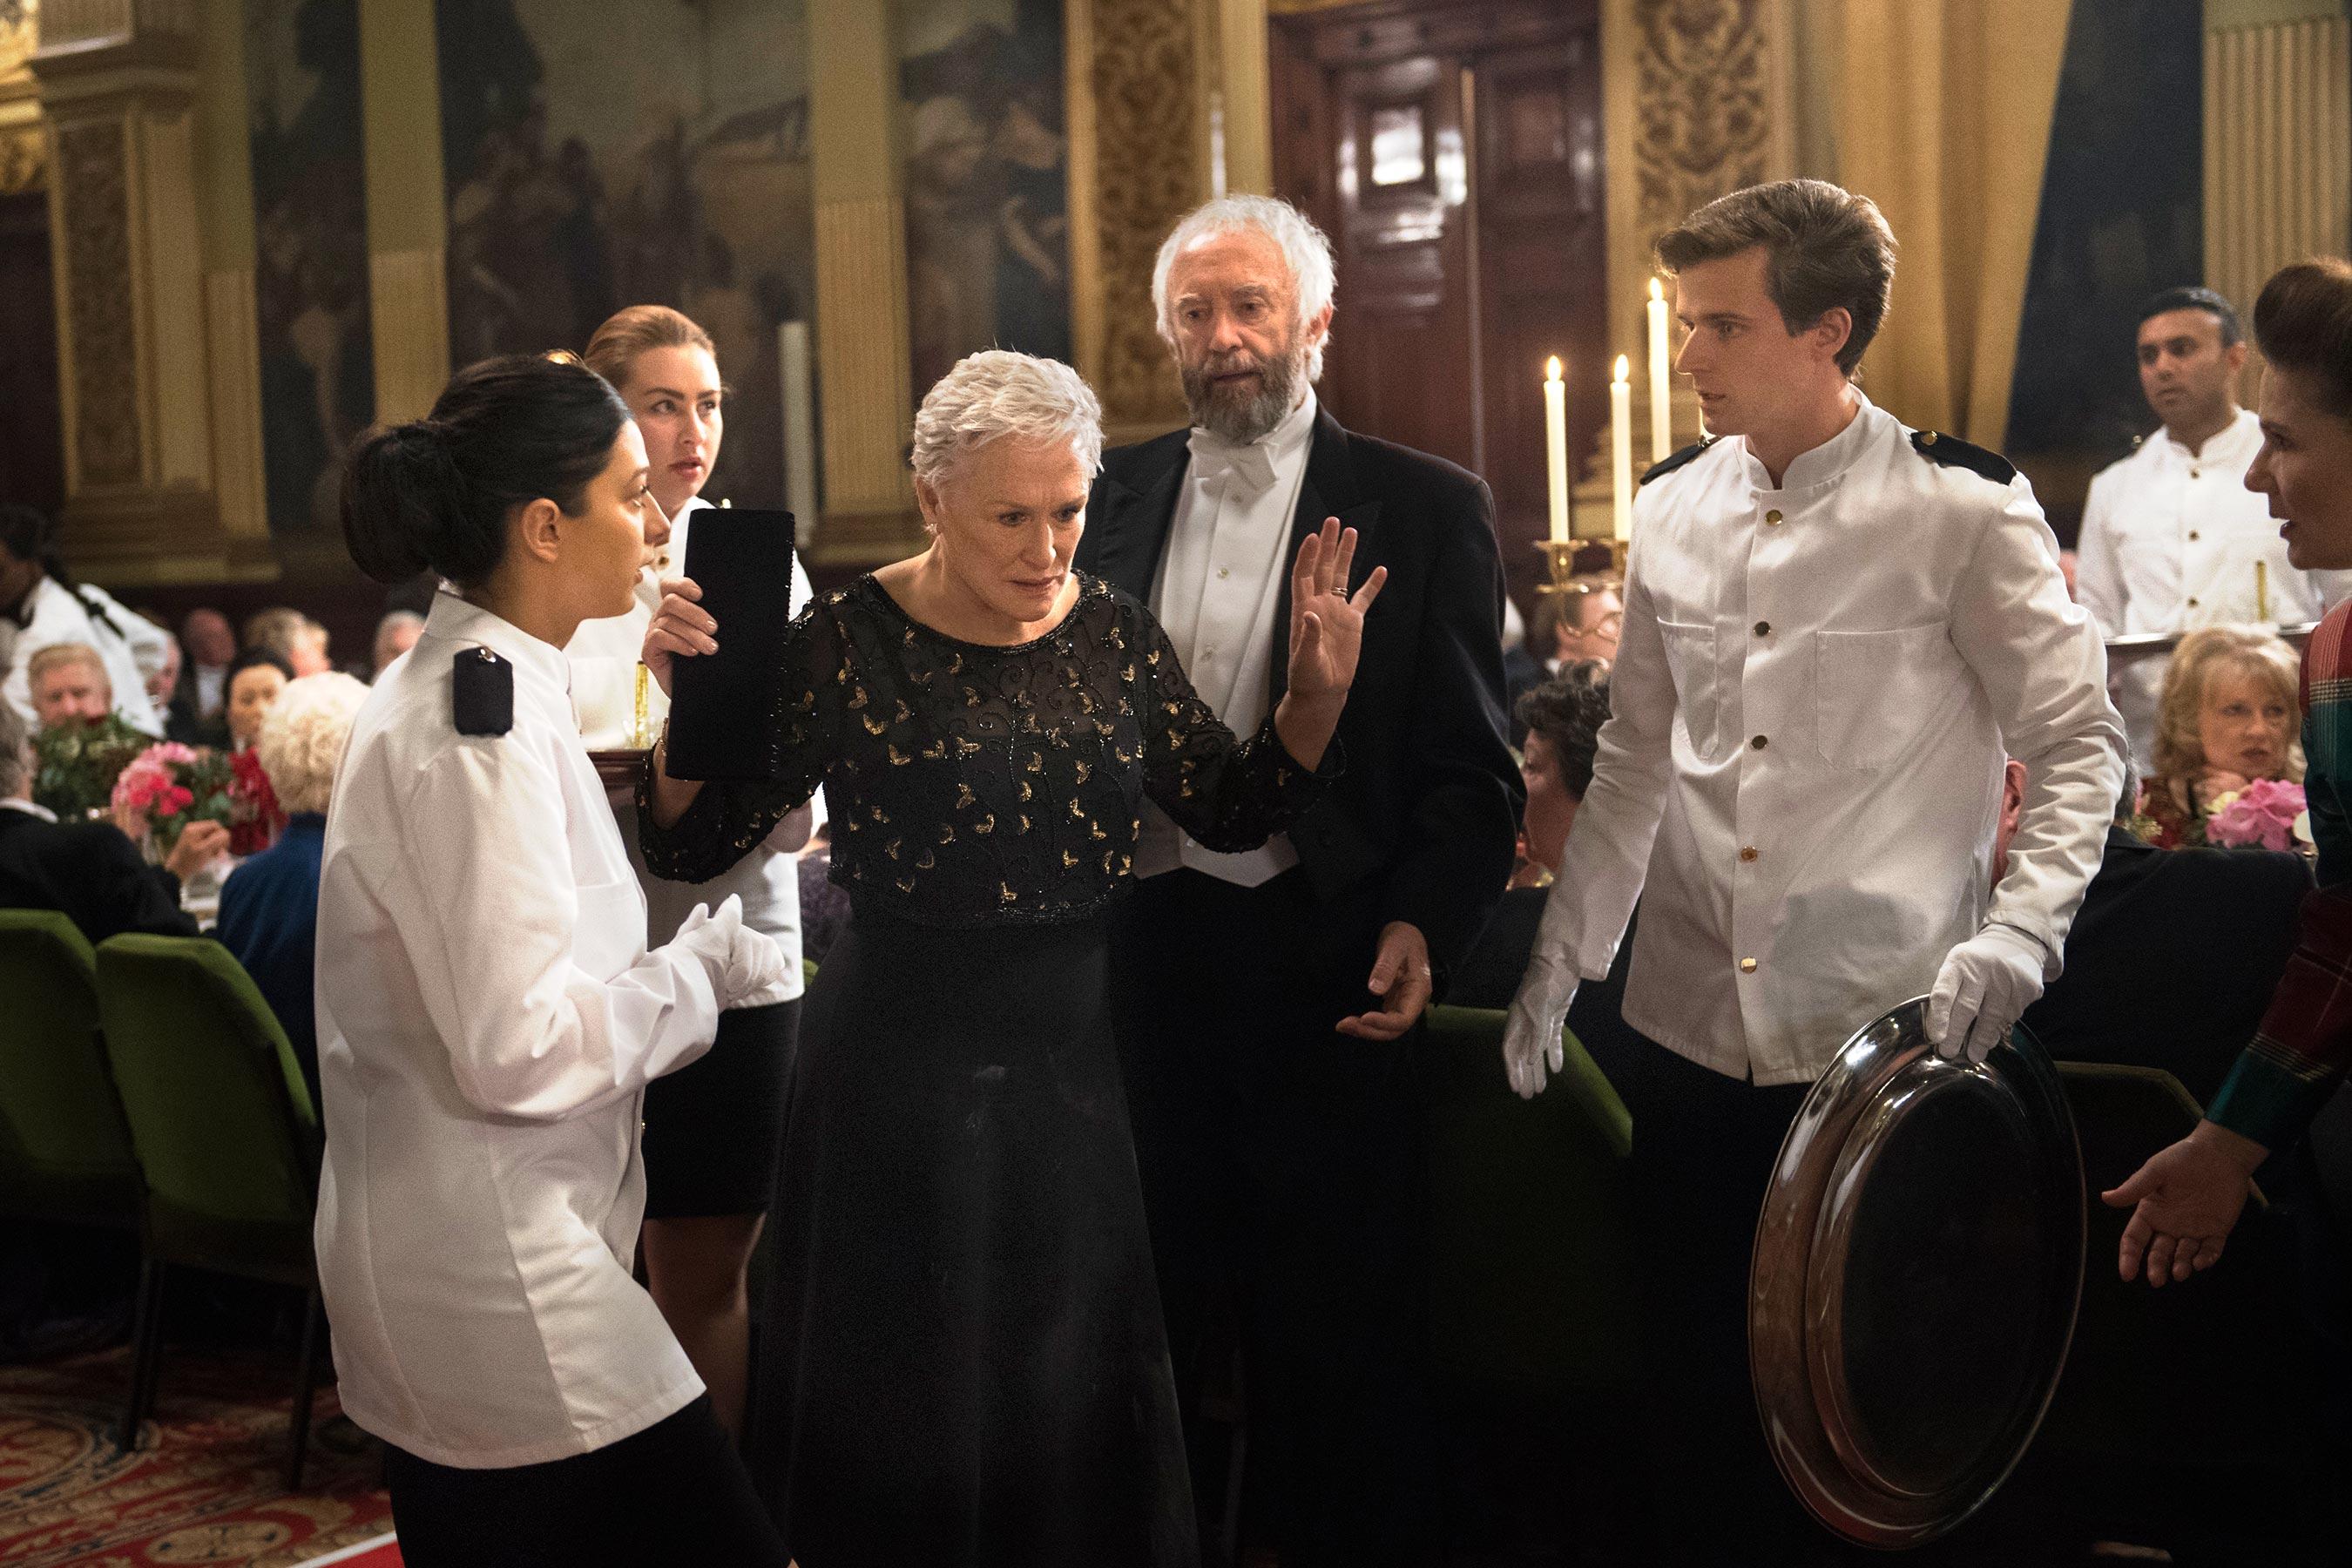 The Wife - Vivere nell'ombra: Glenn Close e Jonathan Pryce in una scena del film